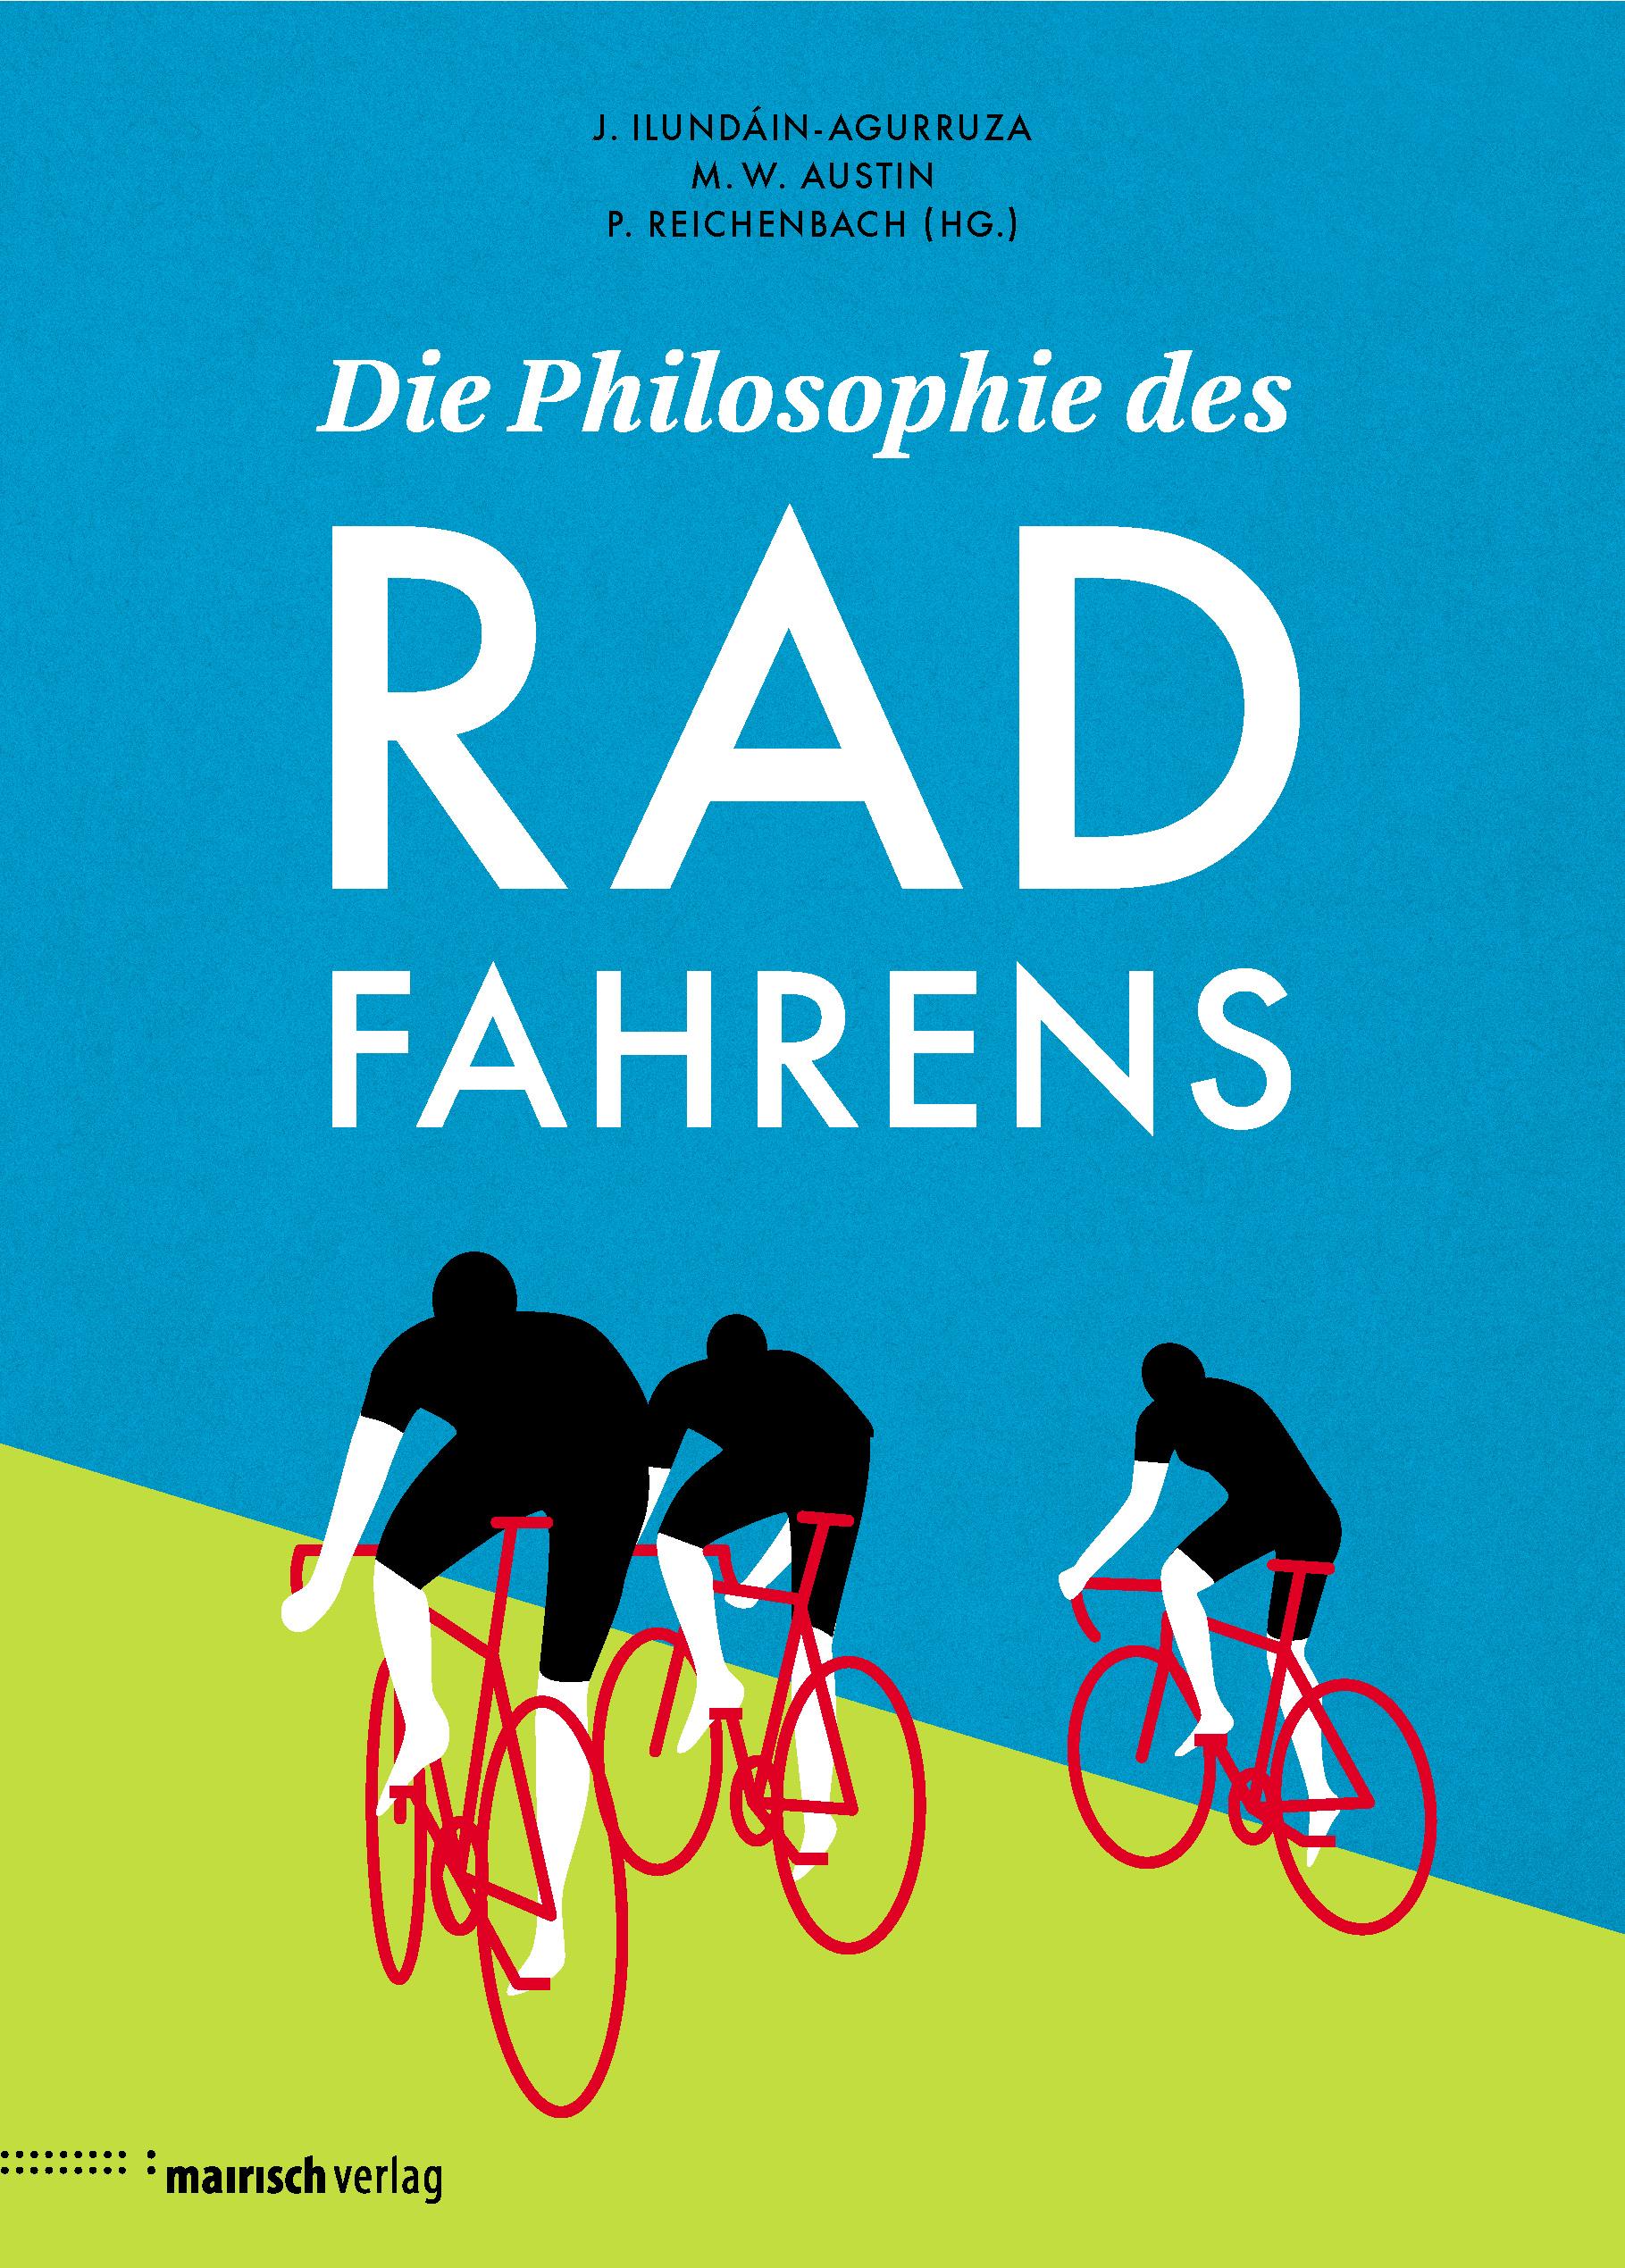 © Mairisch Verlag